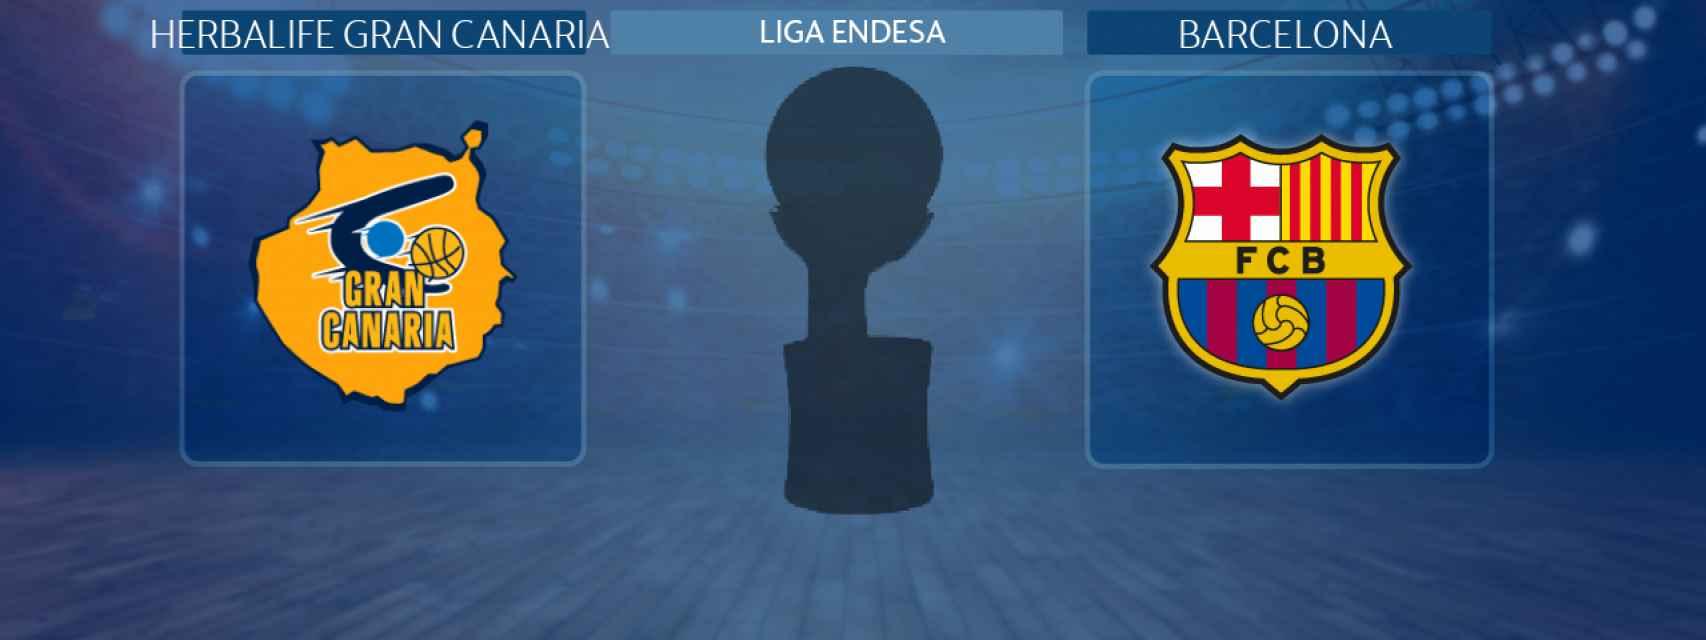 Herbalife Gran Canaria - Barcelona, partido de la Liga Endesa